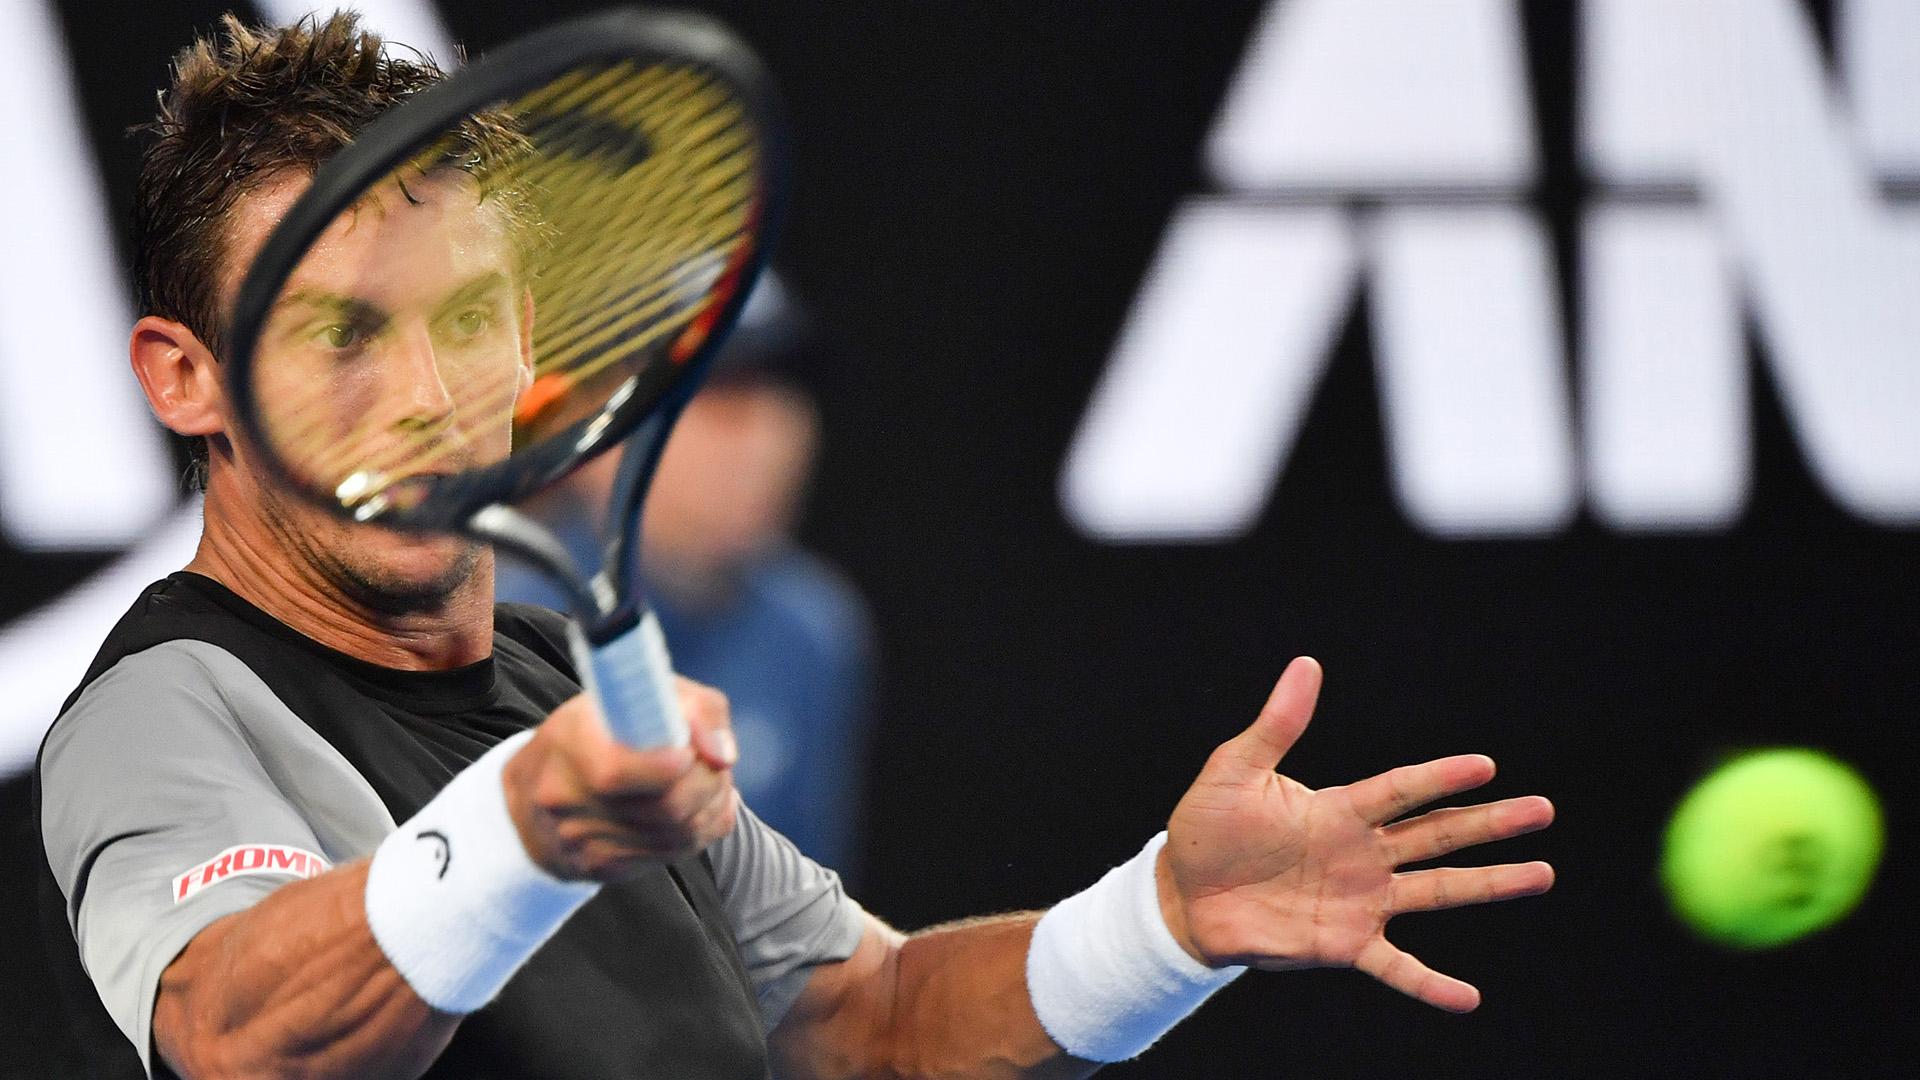 El suizo Henri Laaksonen no pudo con Alex De Miñaur y cayó por 6-4, 6-2, 6-7 (7/9), 4-6, 6-3